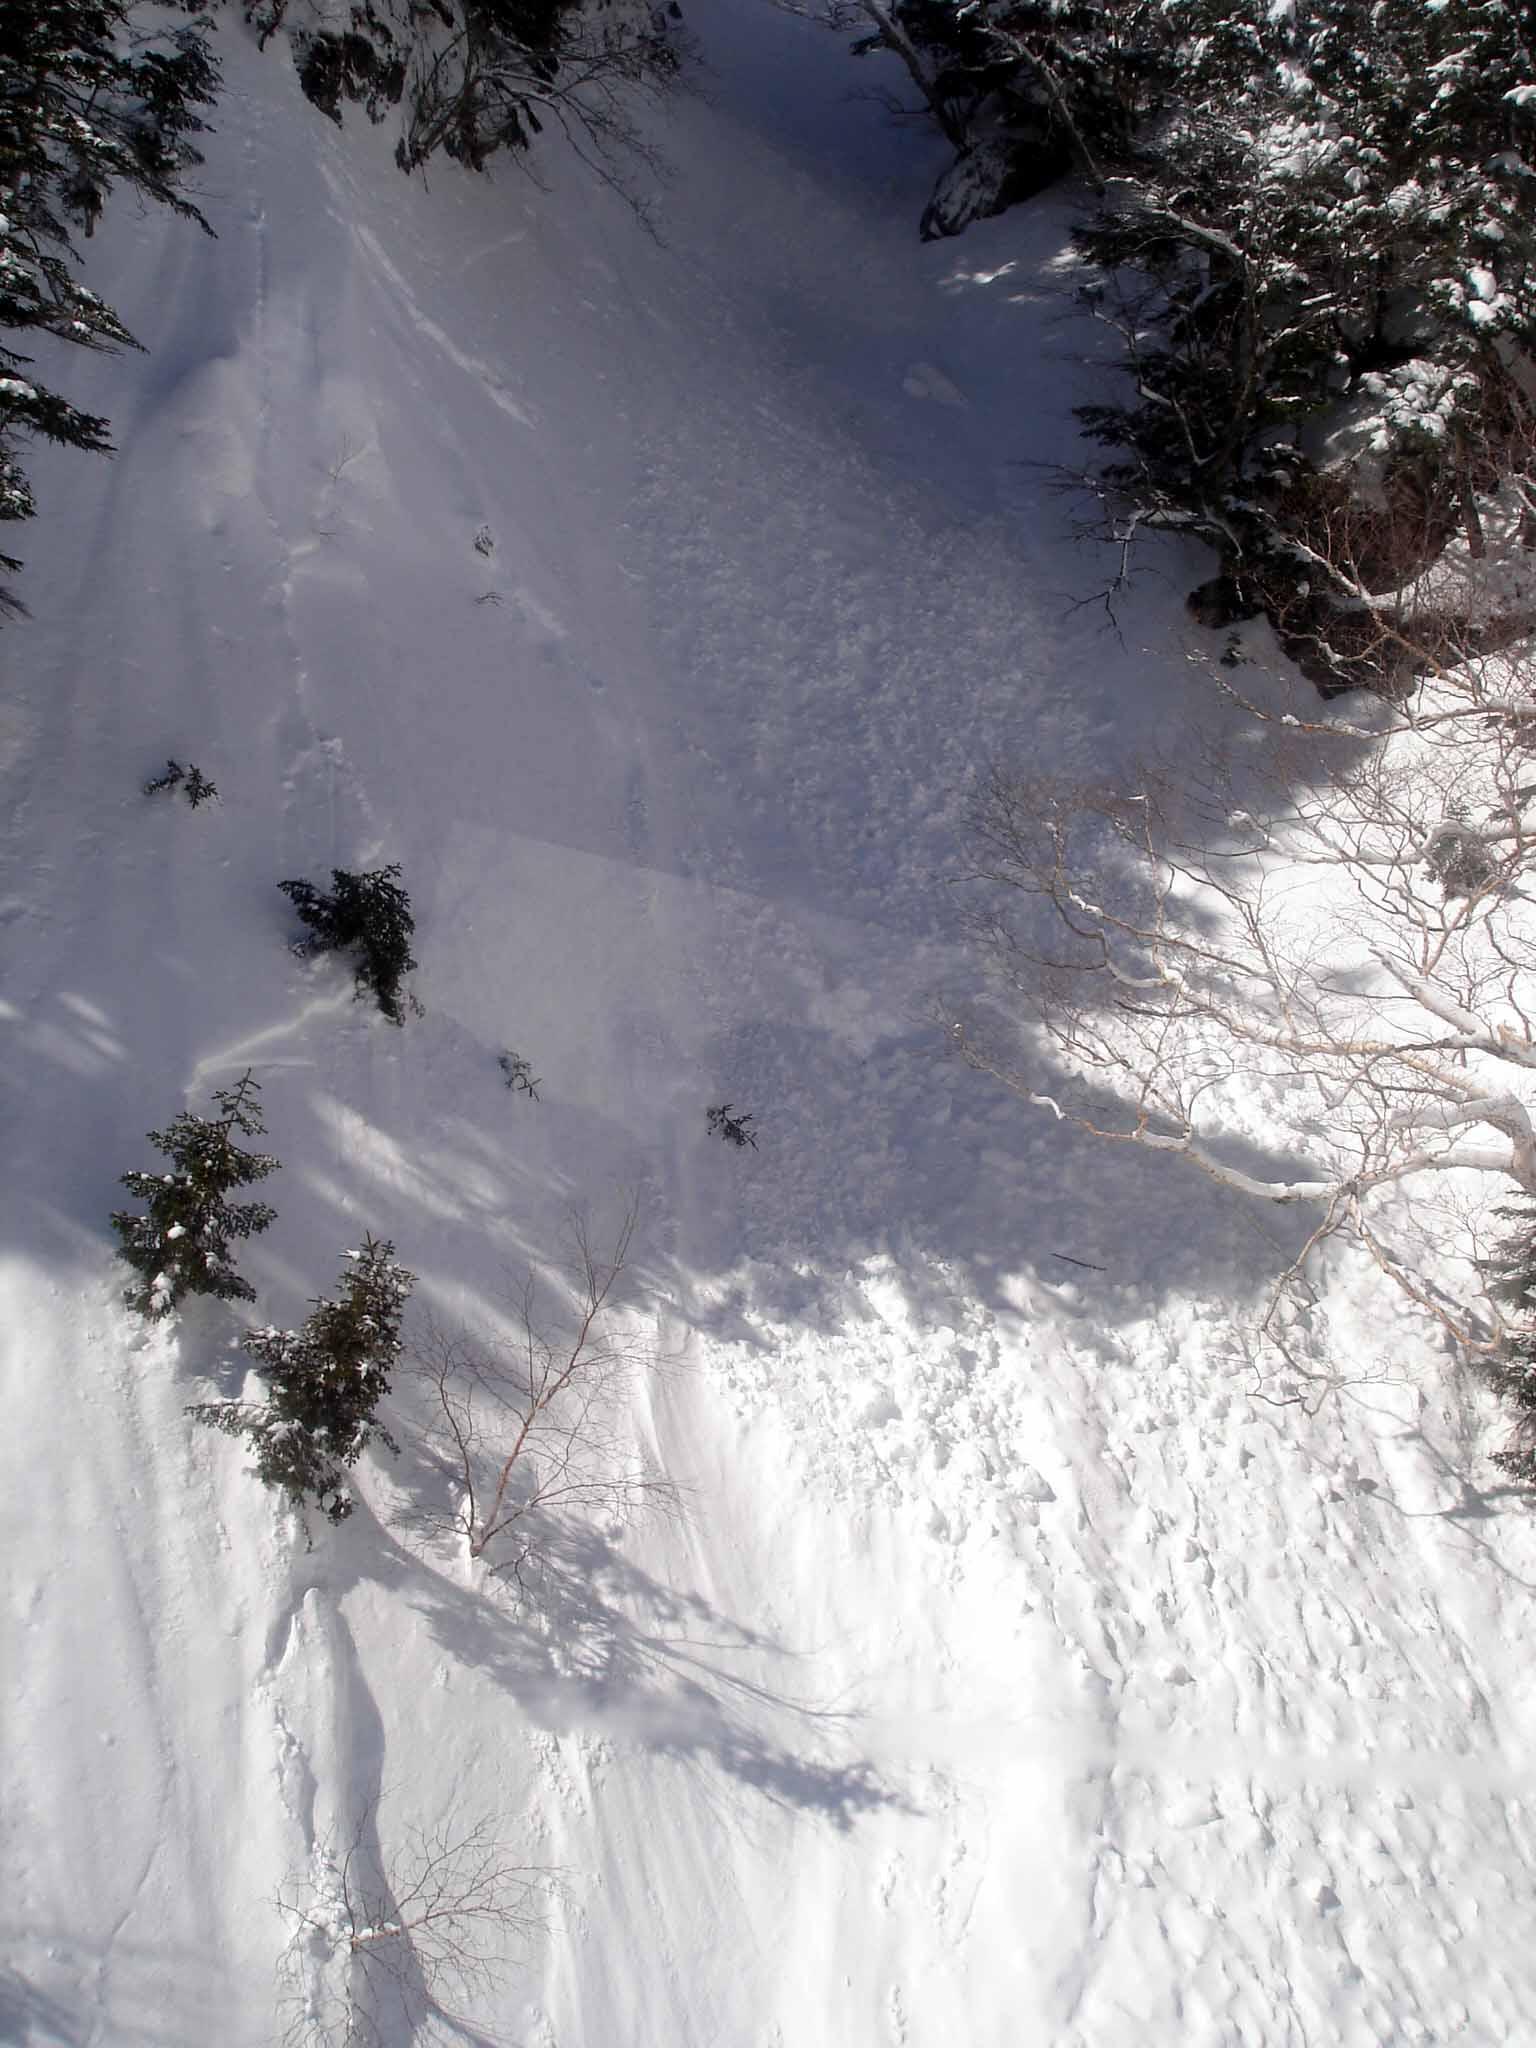 雪崩跡 Dsc00019 谷間の雪崩跡